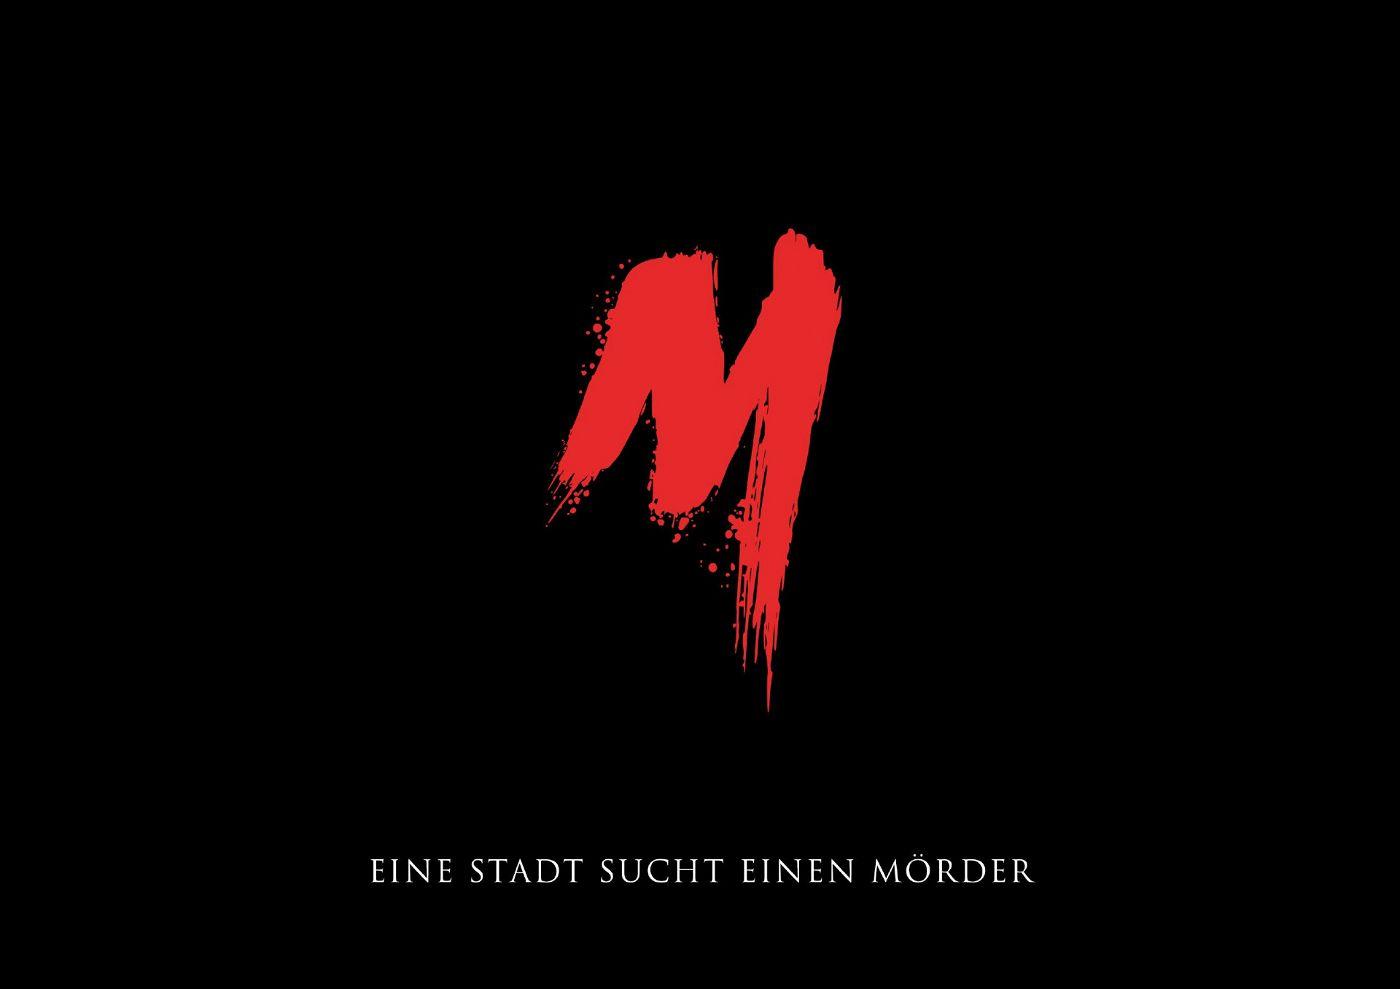 """RTL Crime (über Sky empfangbar) macht aus dem Filmklassiker """"M – Eine Stadt sucht einen Mörder"""" eine sechs Episoden umfassende Serie. Wann die prominent besetzt Produktion (u.a. Lars Eidinger, Moritz Bleibtreu und Bela B) 2018 starten wird, ist noch nicht bekannt."""